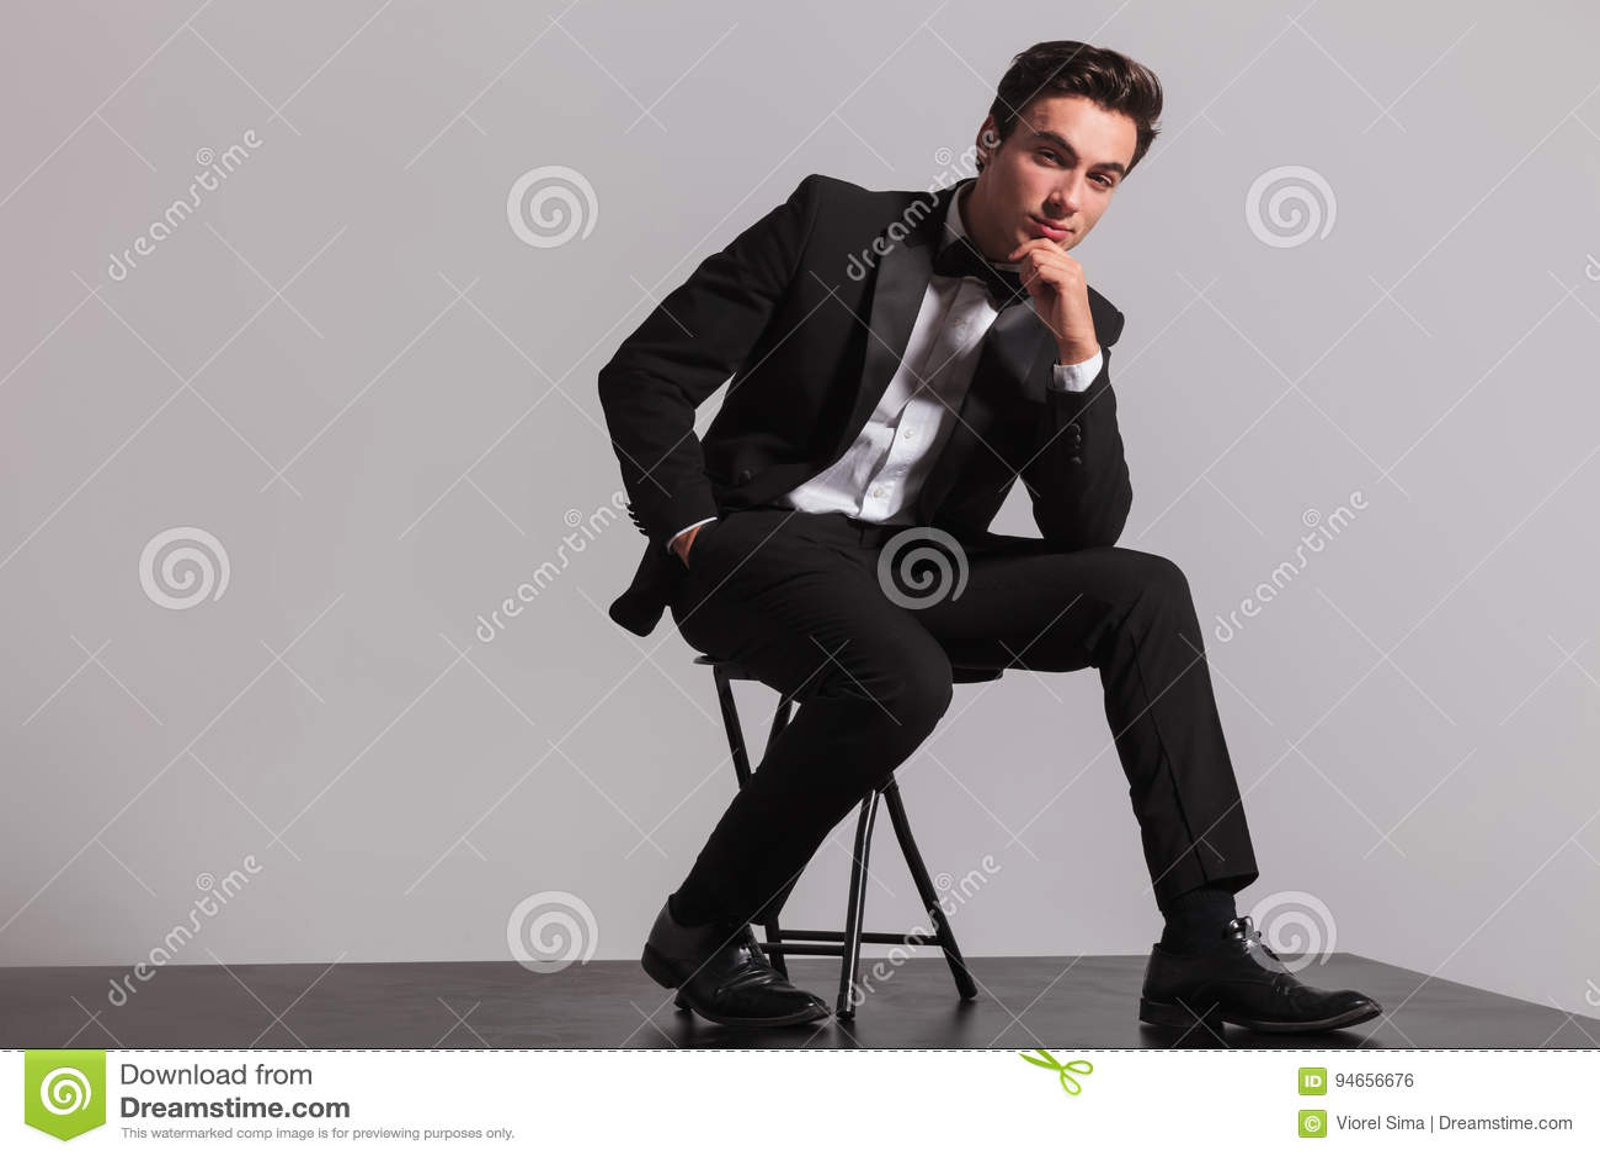 elegant man in tuxedo is sitting and thinking stock photo - image